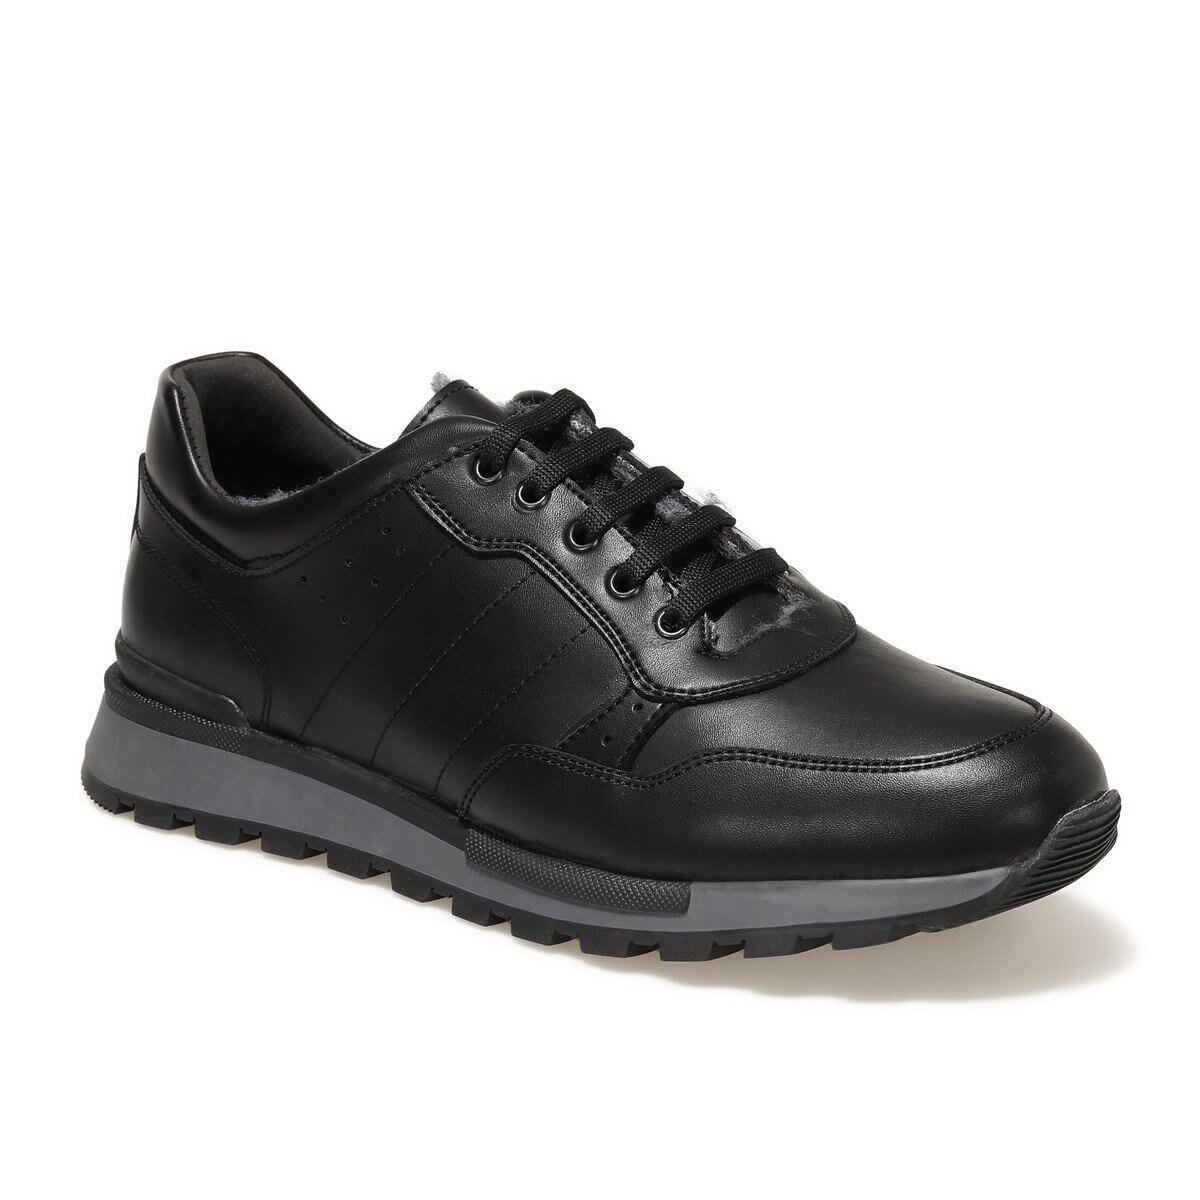 2501-X-TRKRK الأسود الرجال حذاء كاجوال